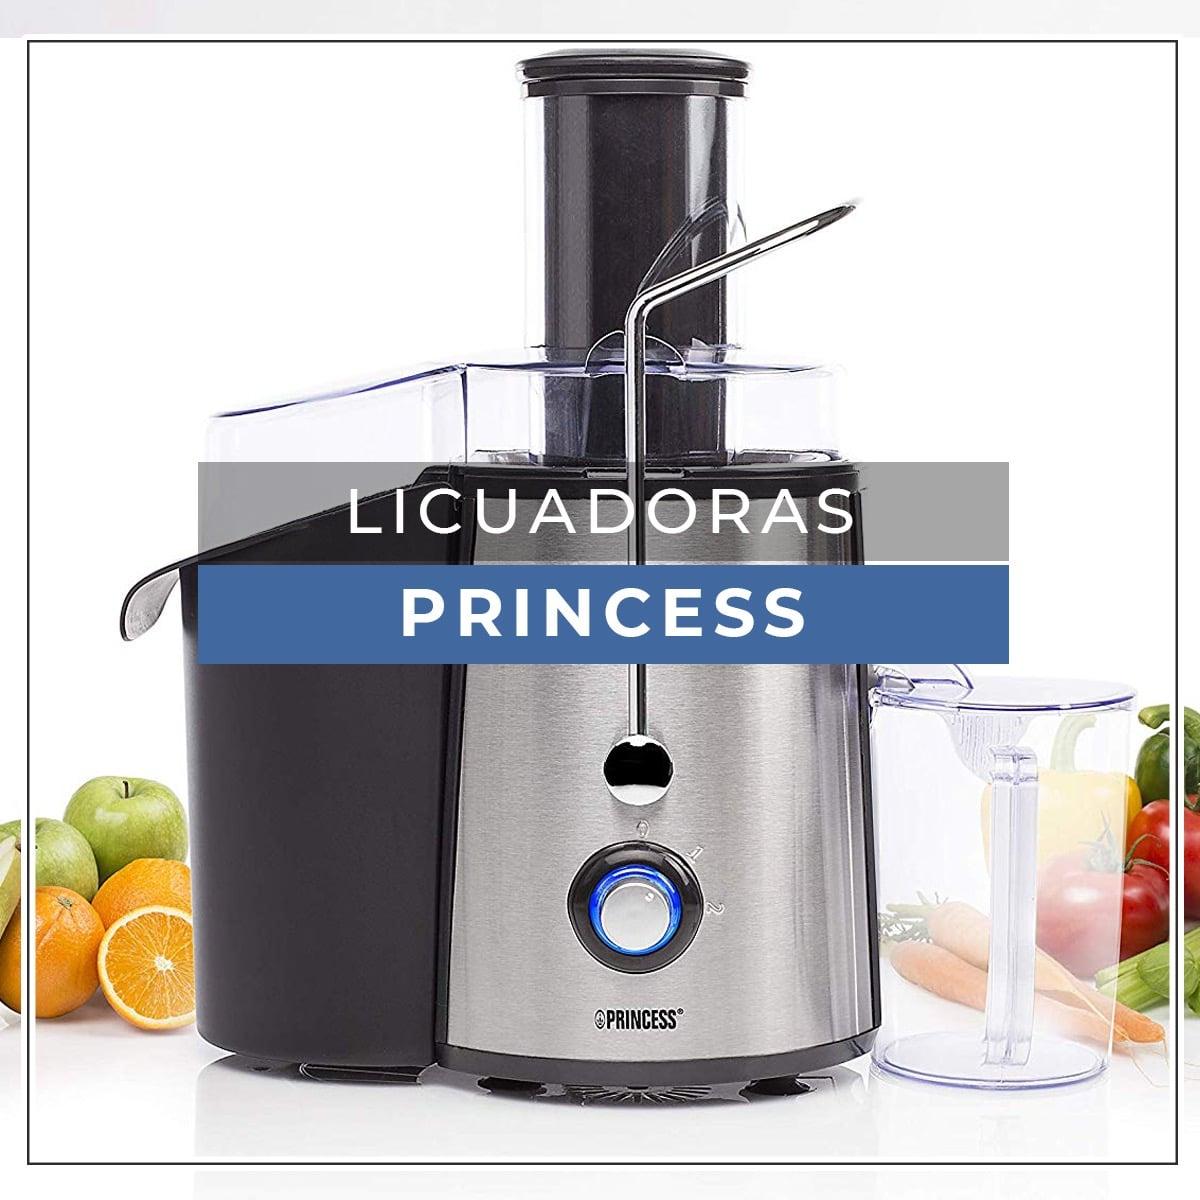 licuadora princess